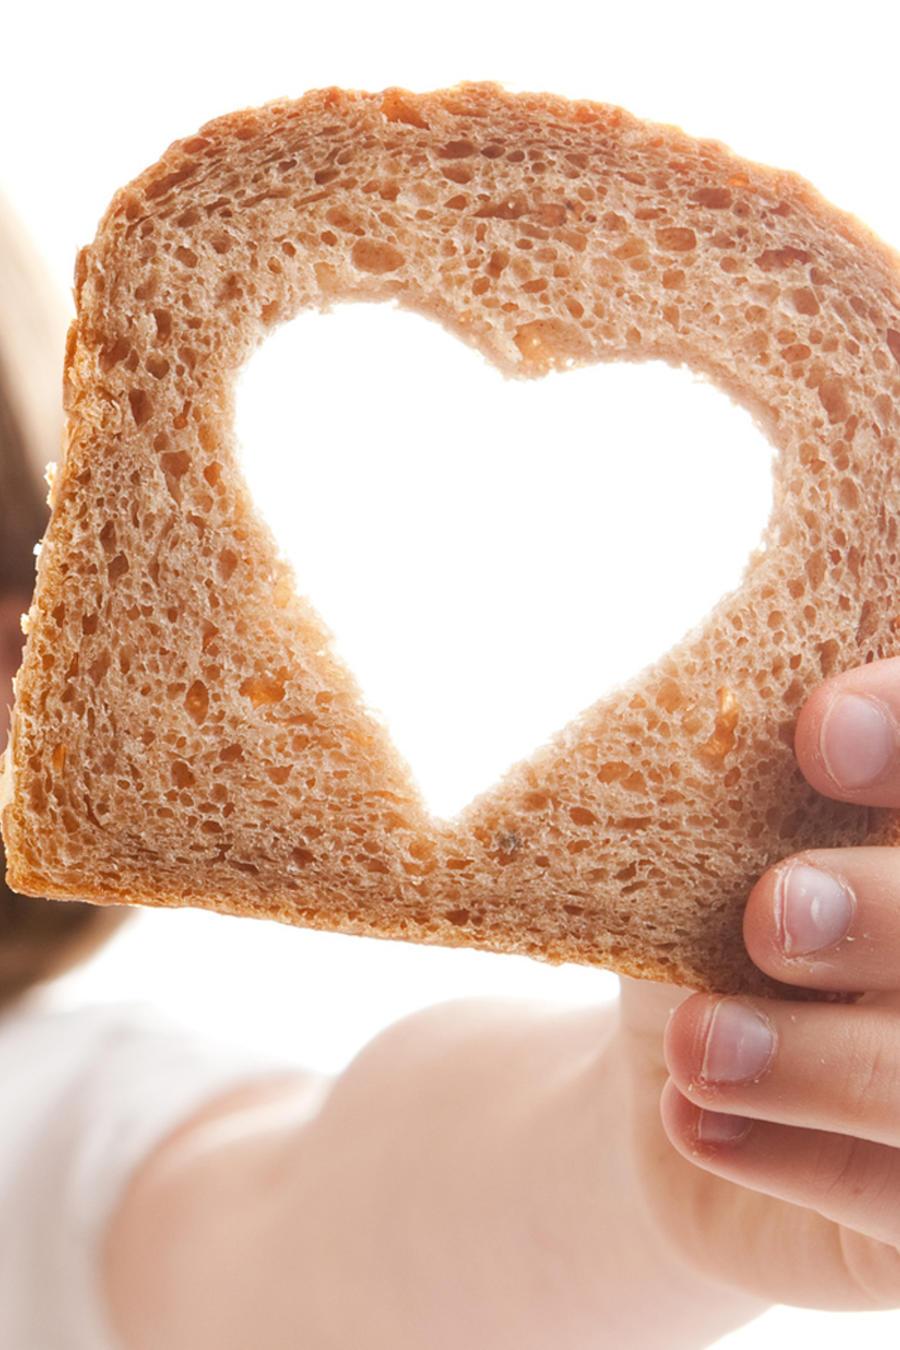 Niña mostrando pan con forma de corazón